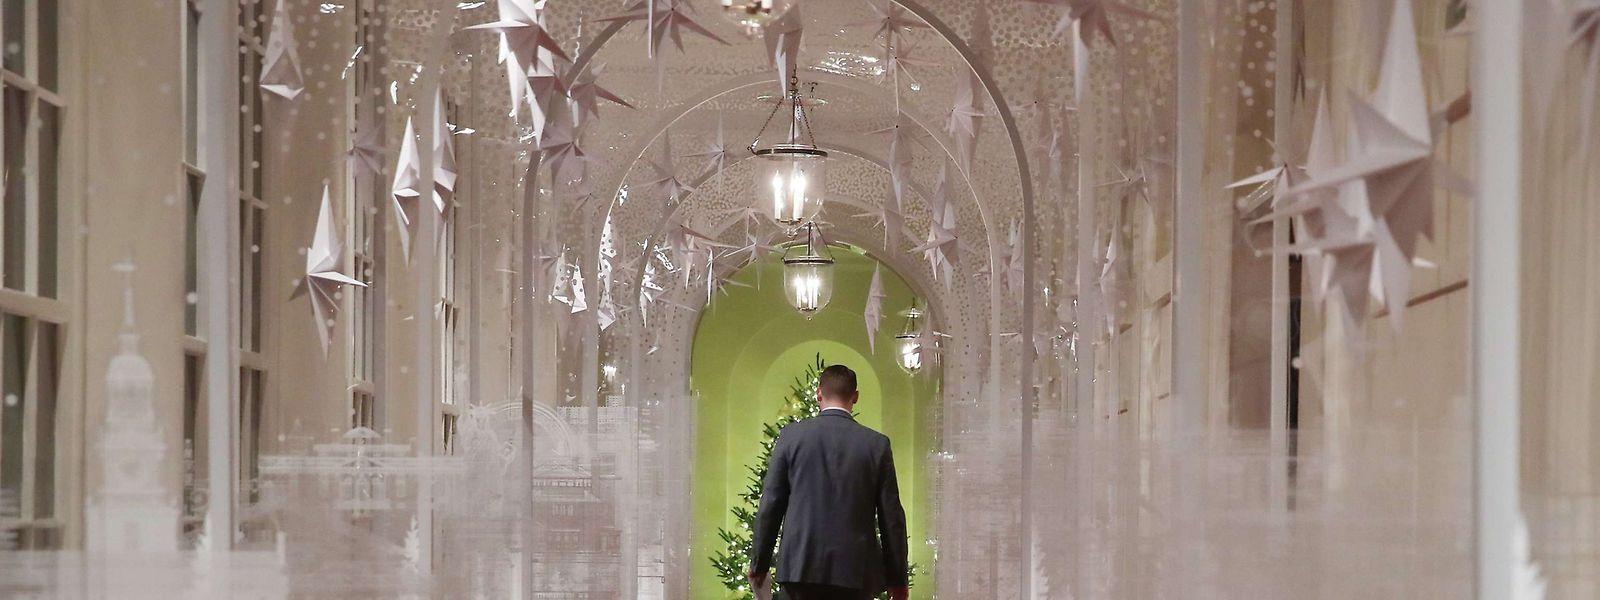 Ein Gang im Weißen Haus wurde über und über mit weißen Sternen dekoriert.